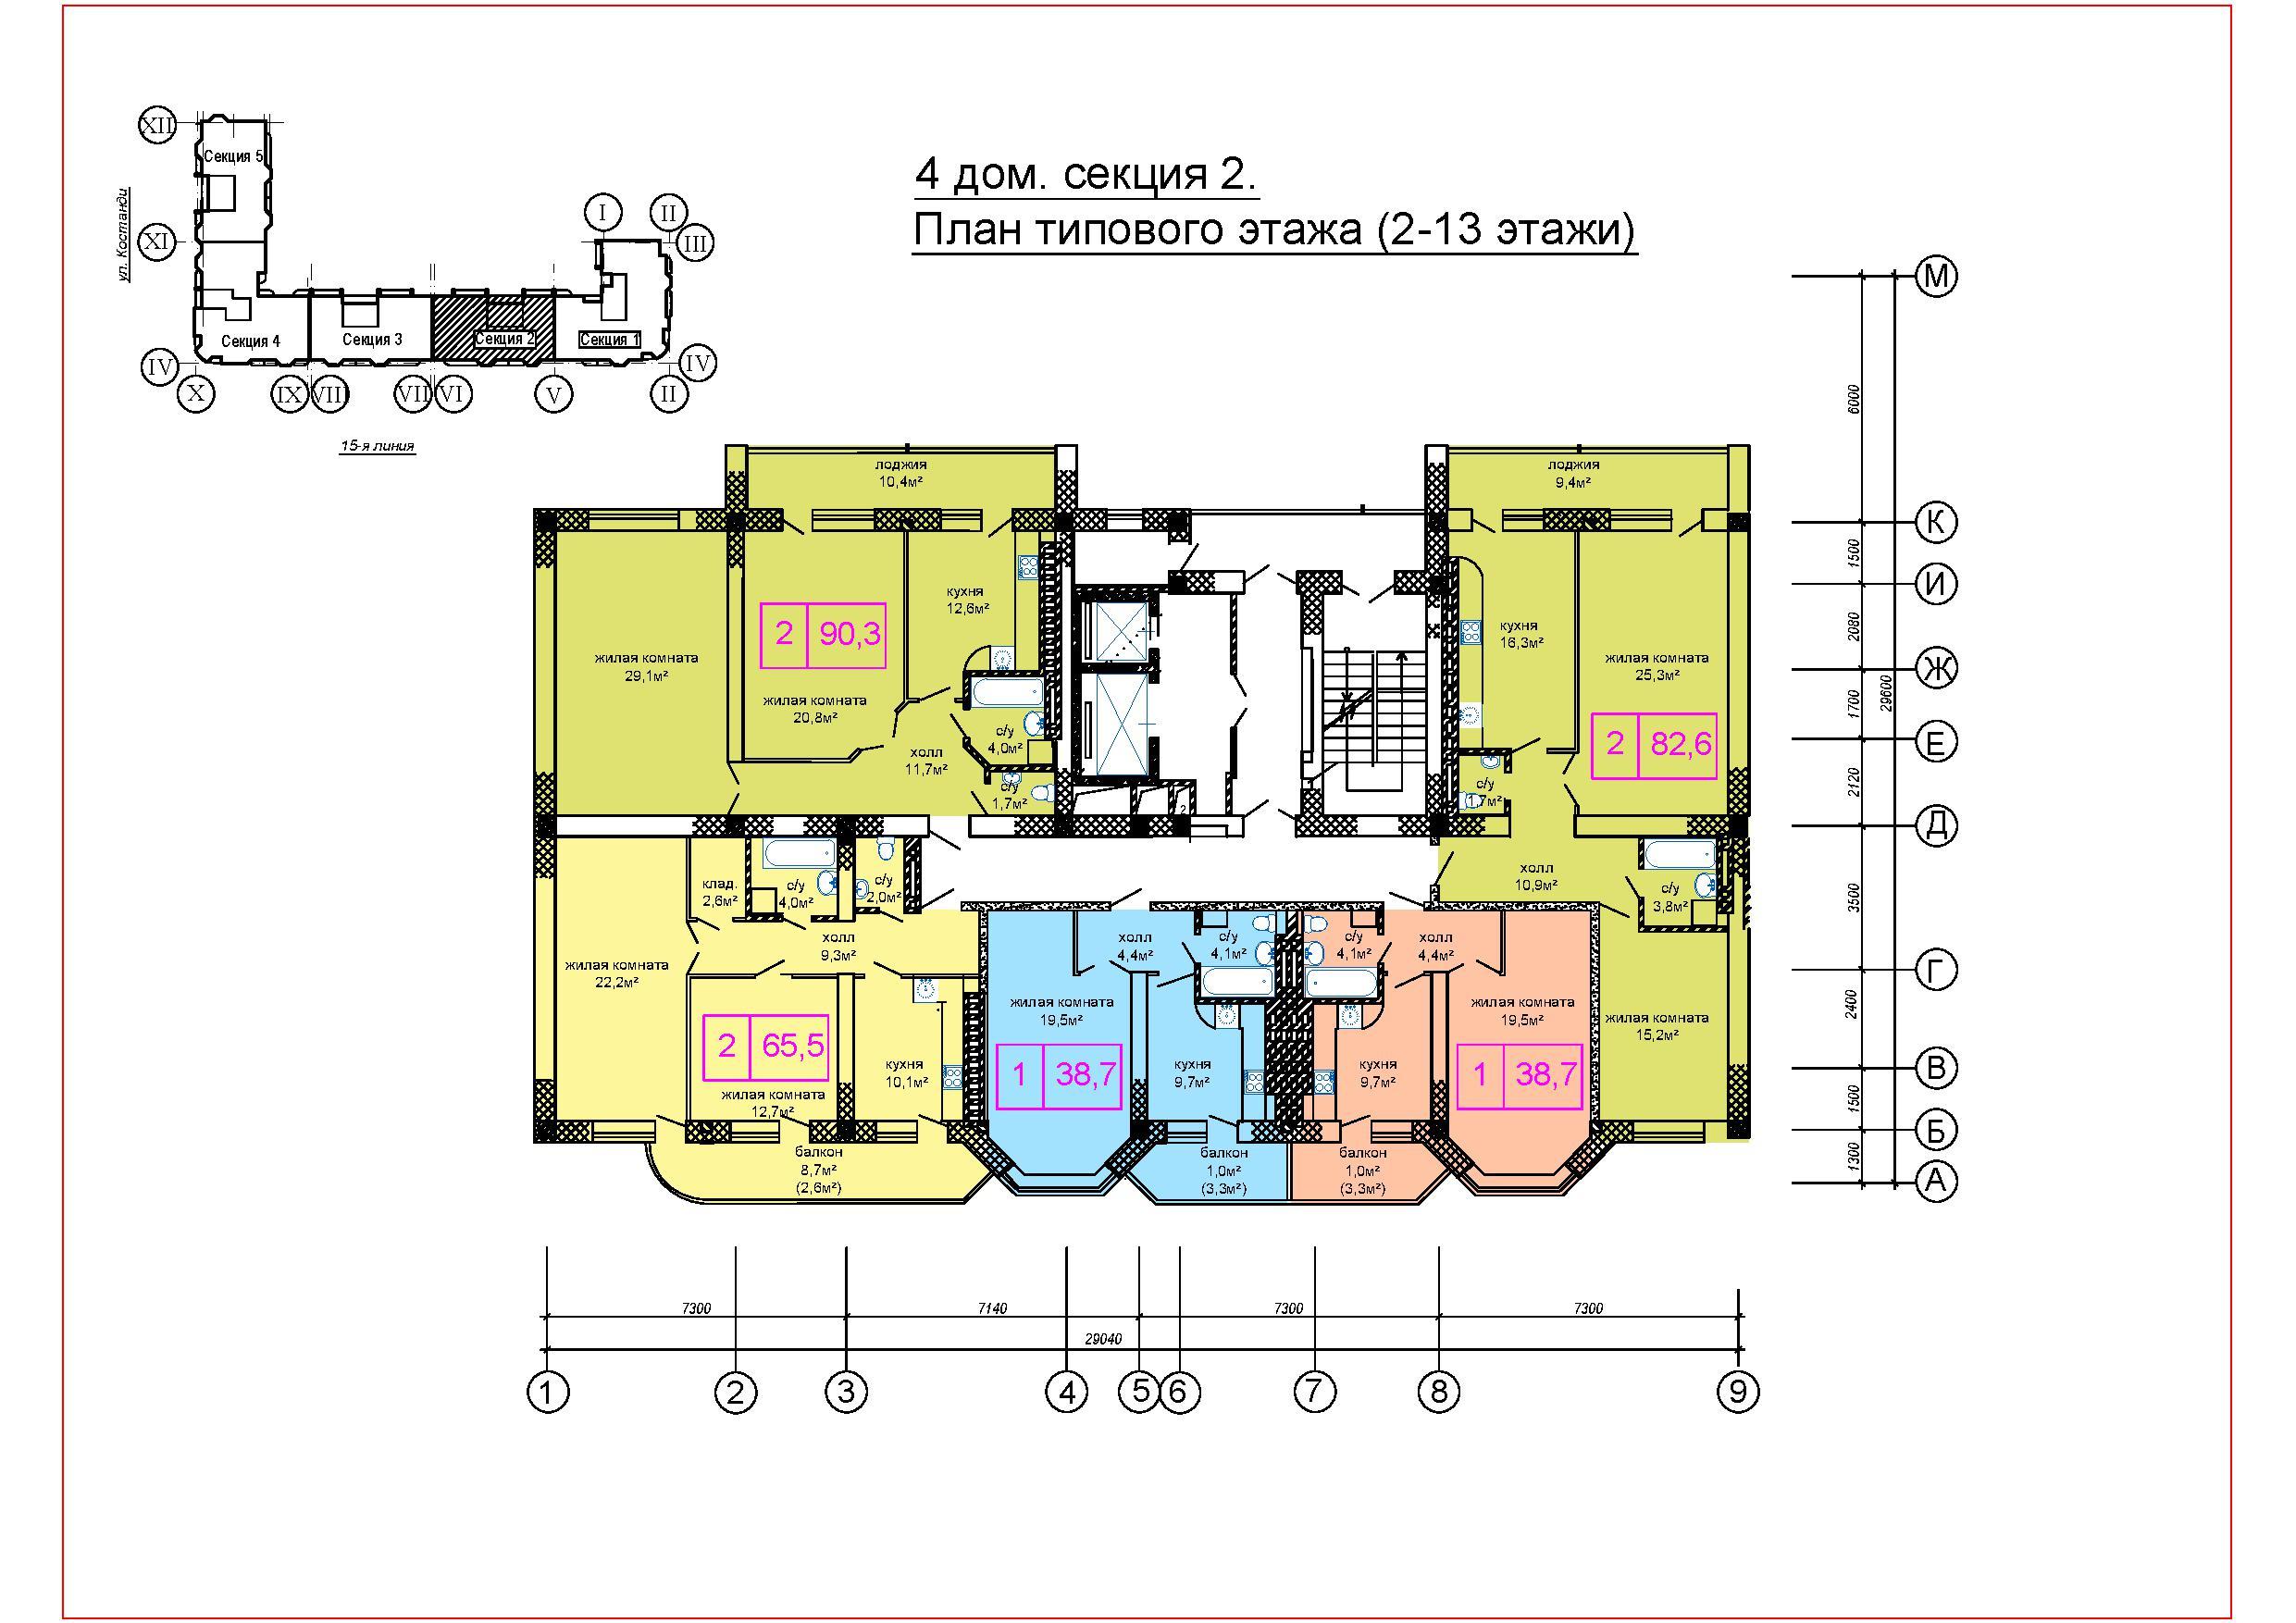 ЖК Вернисаж. 4 дом, секция 2